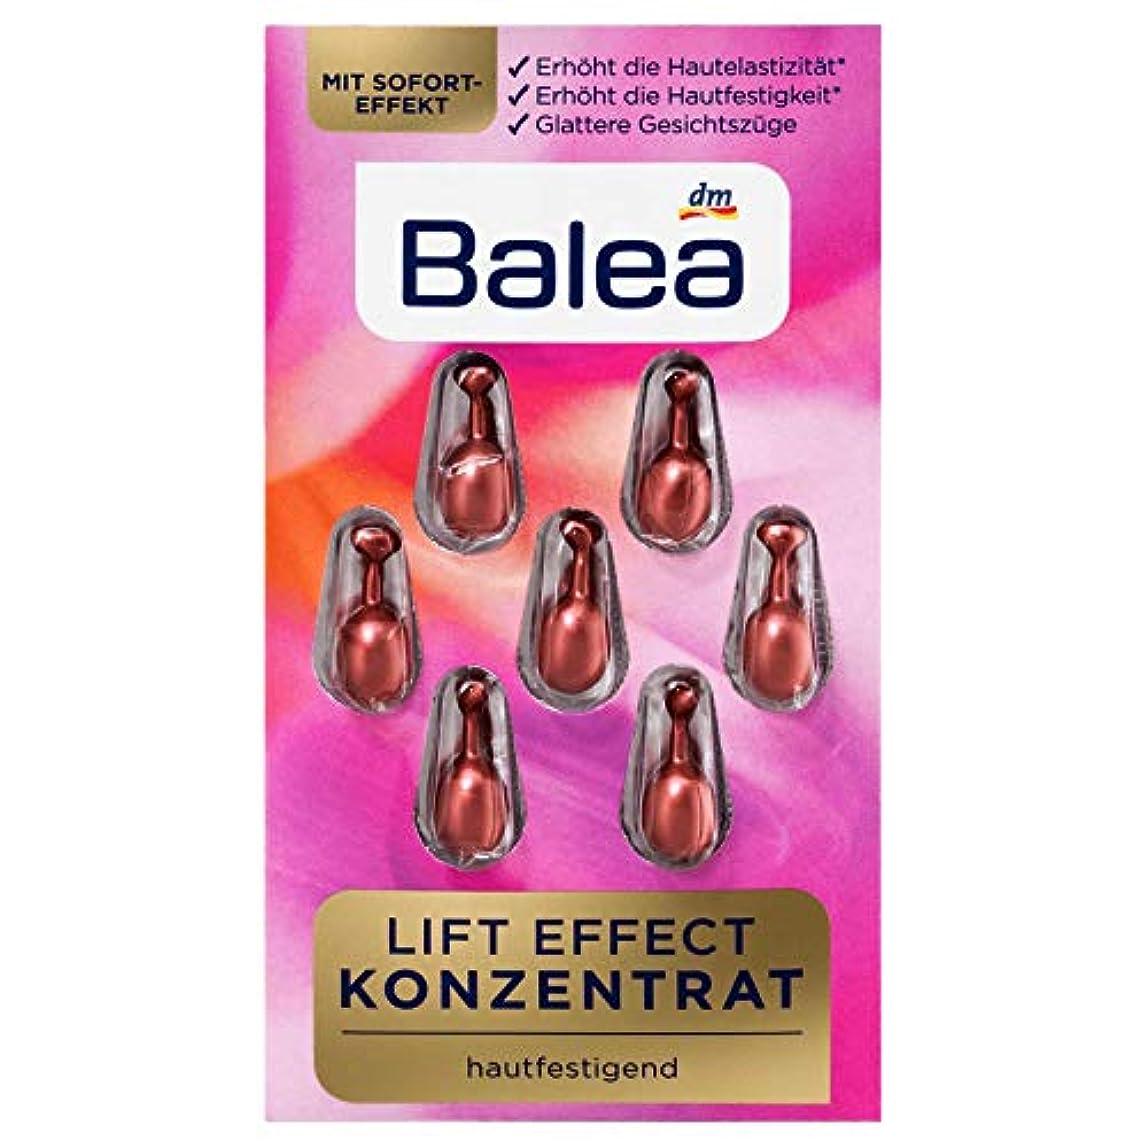 シプリー励起活気づけるBalea☆LIFT EFFECT 高濃密アンプル美容液0.38ml x 7ea [並行輸入品]